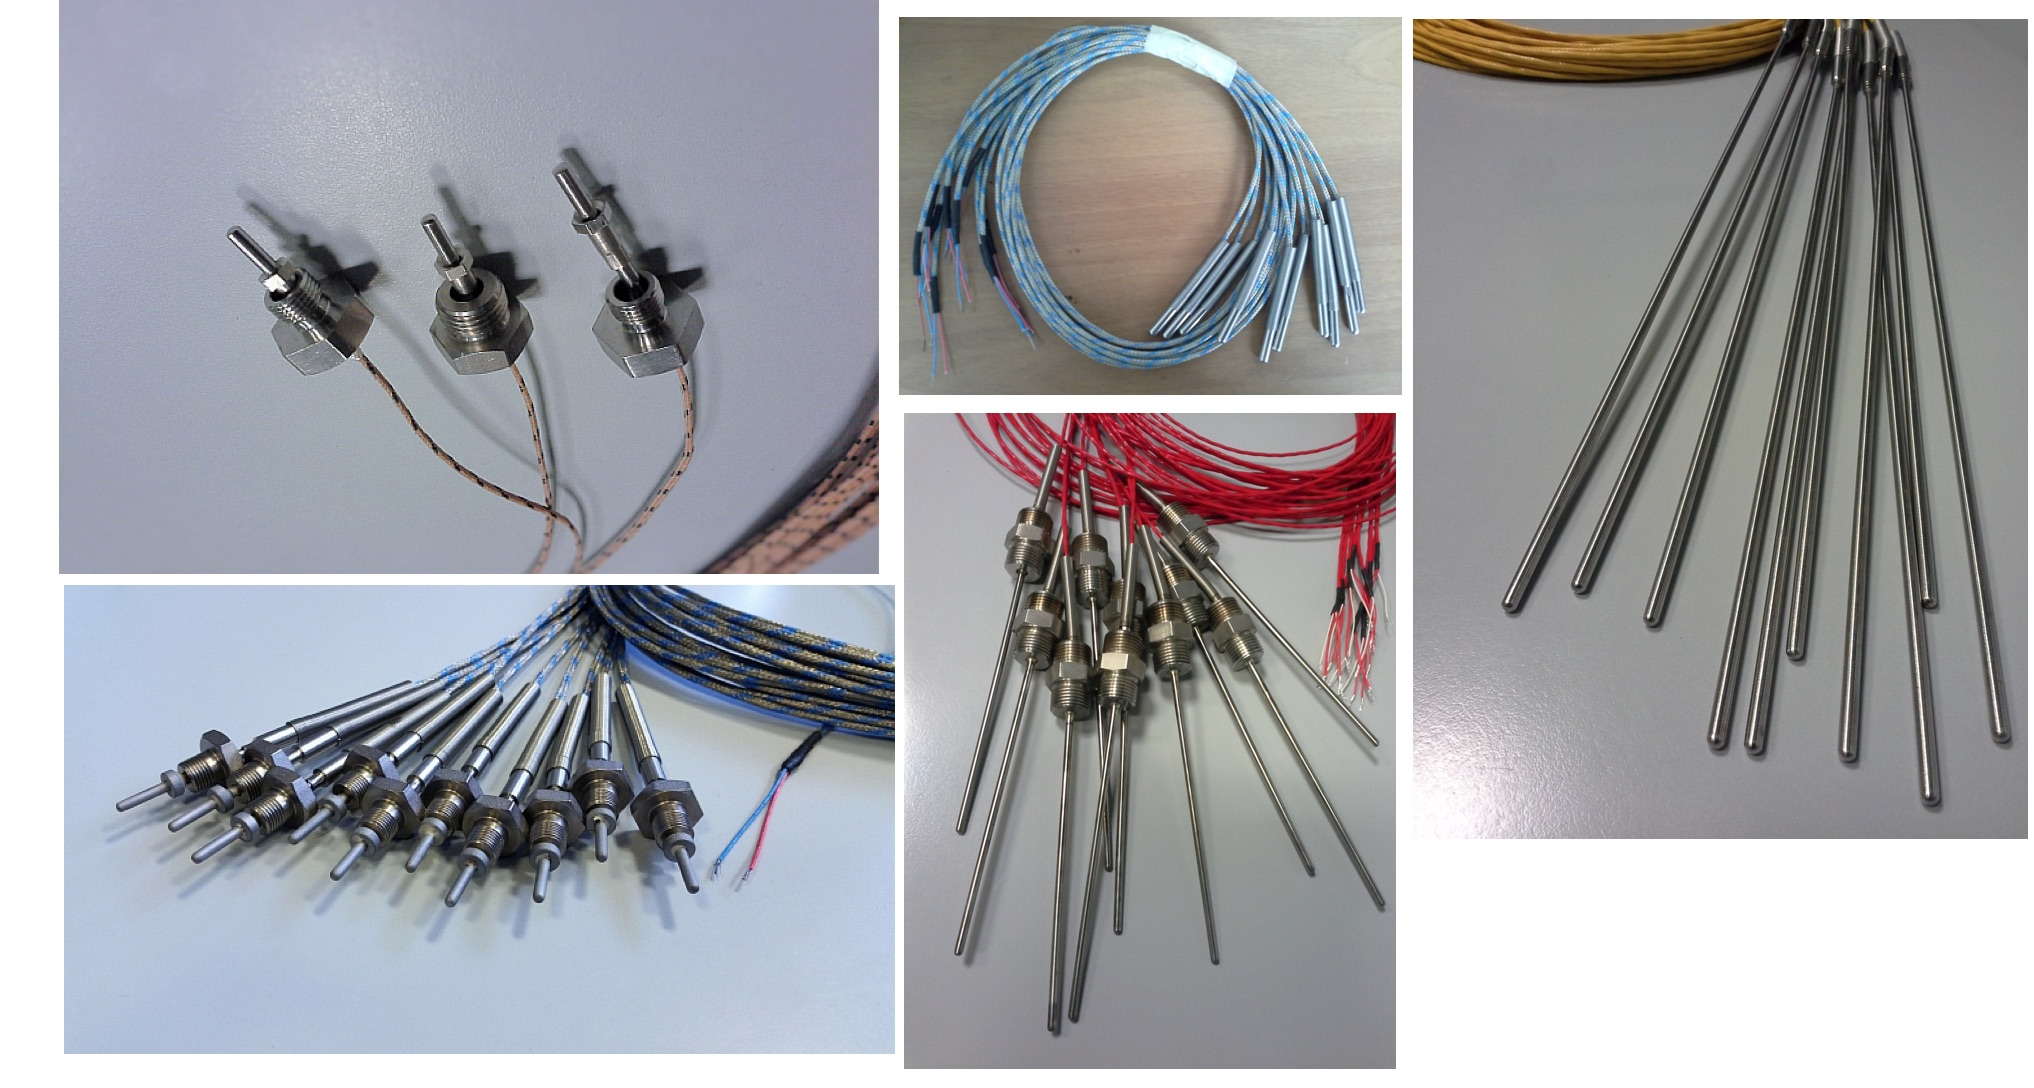 Các dòng cảm biến Pt100 dạng dây